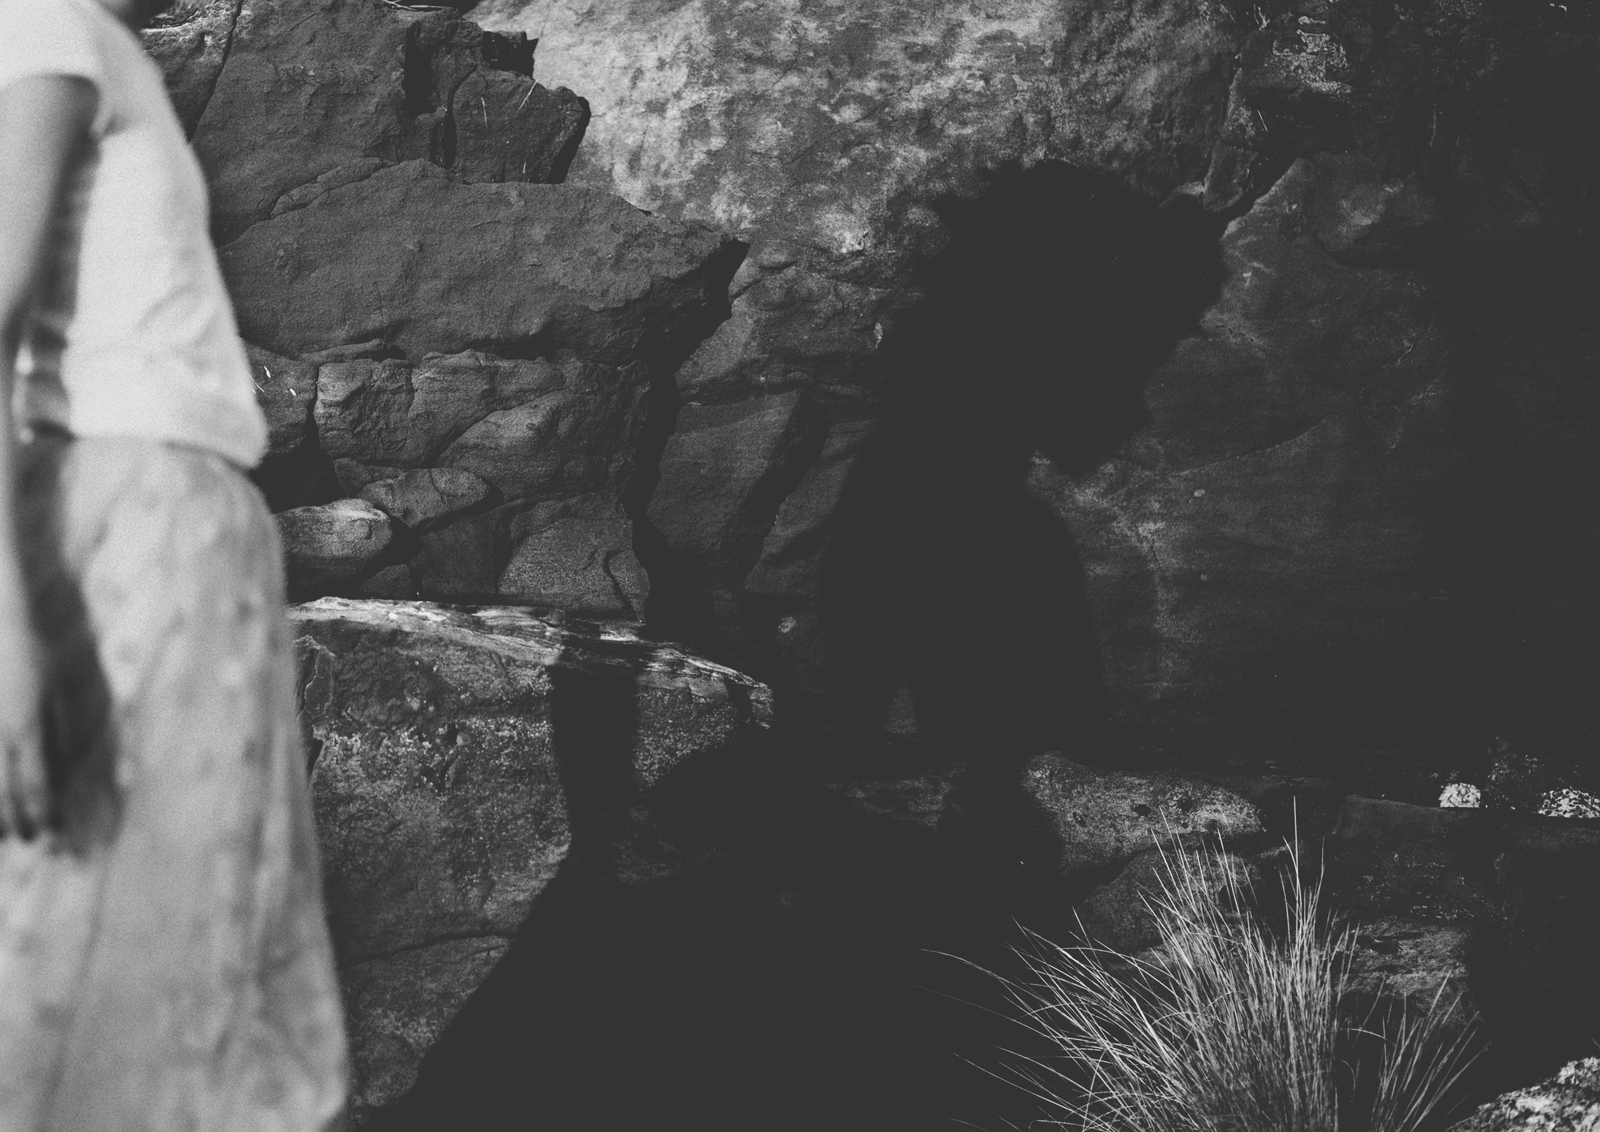 Little girl's shadow on rocks!